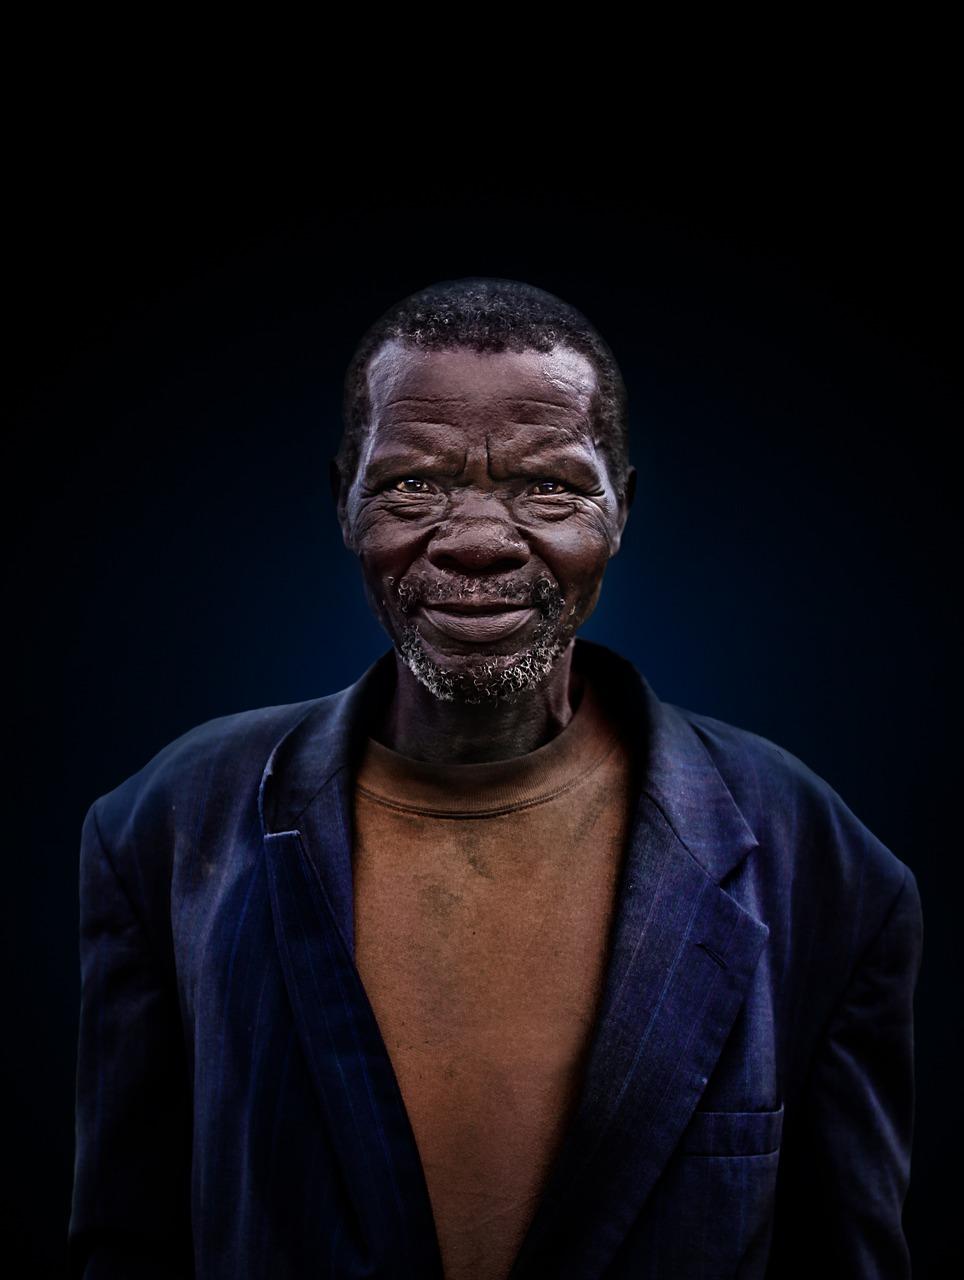 man, portrait, old